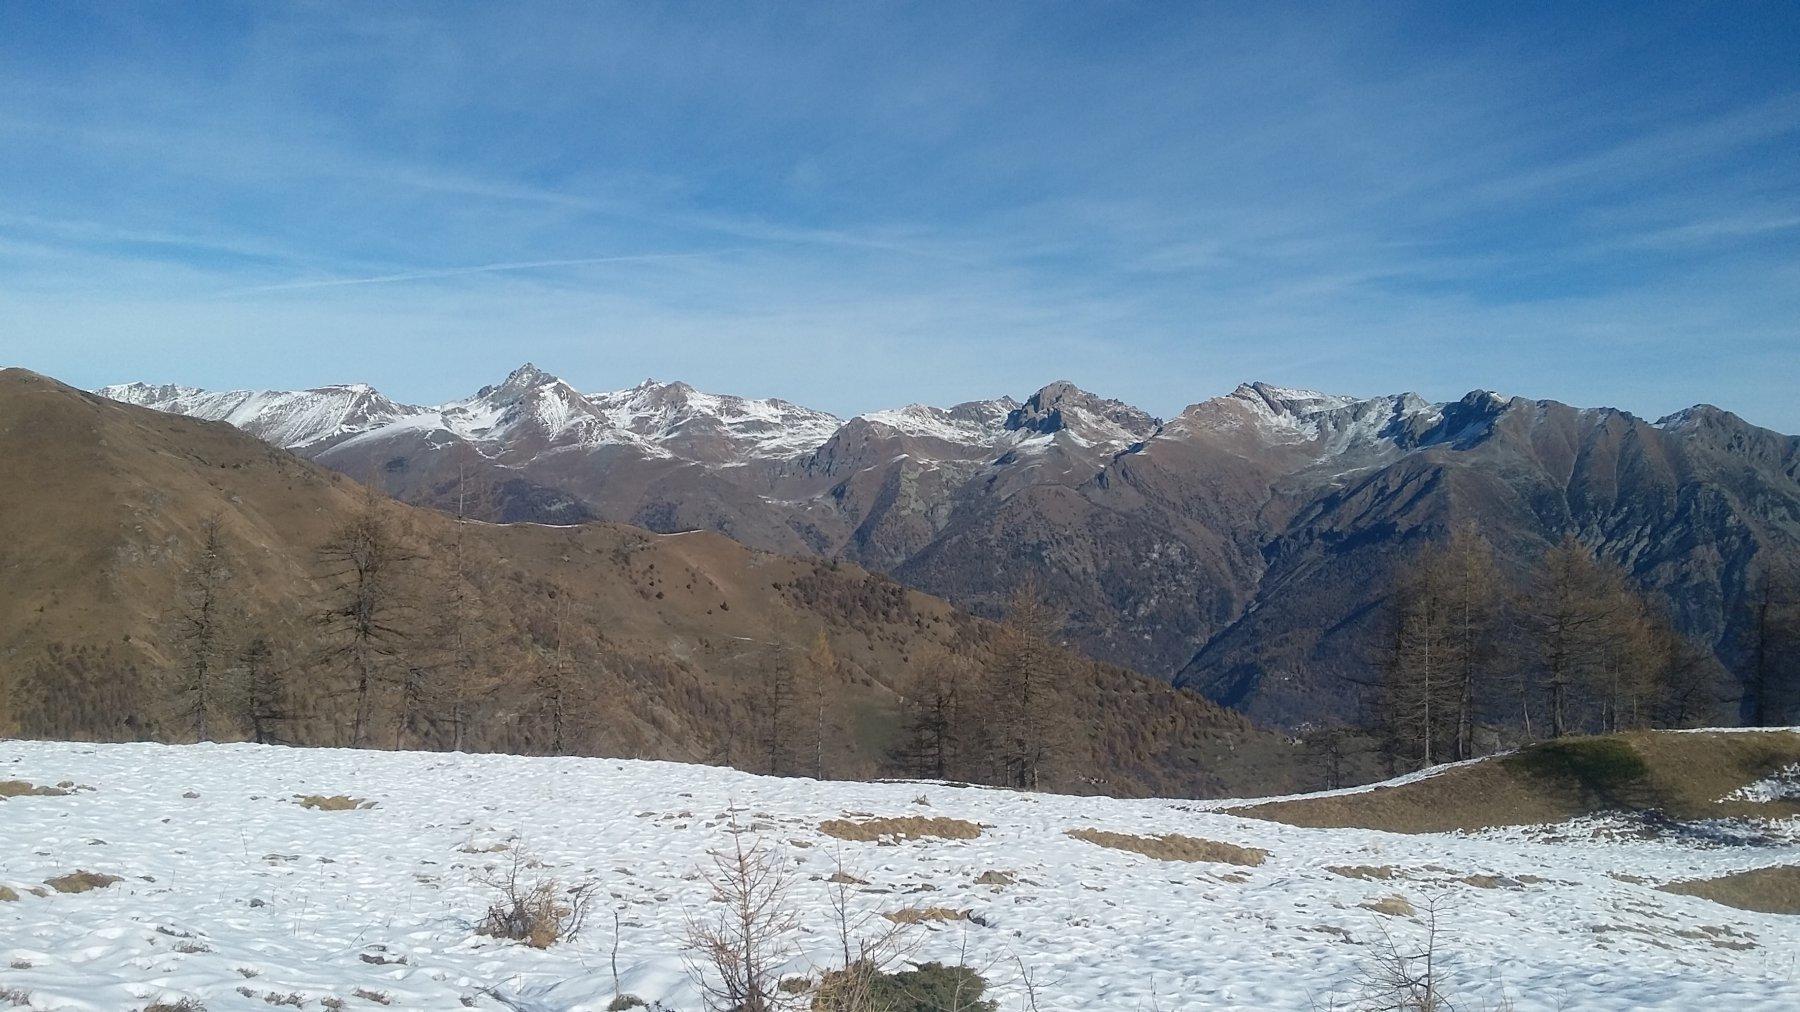 Dal Colle vista sull' Orsiera Rocciavrè